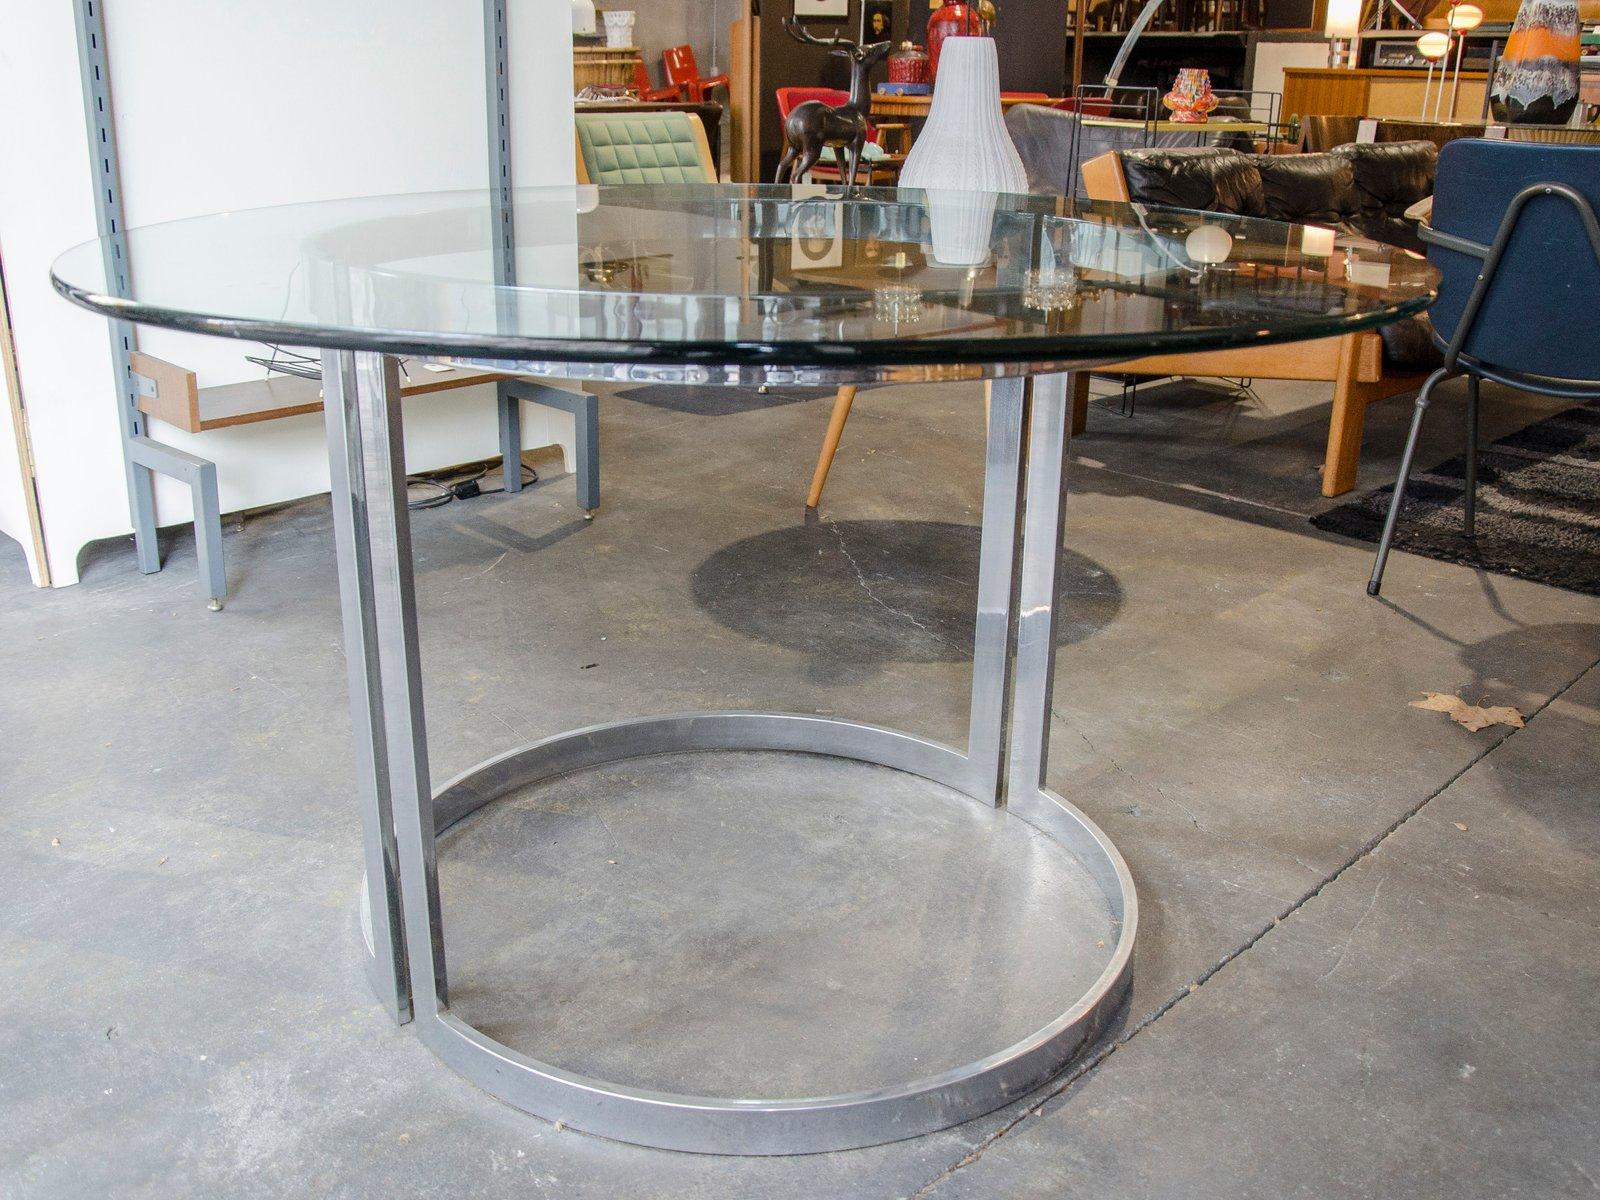 table de salle manger en chrome avec plateau en verre par milo baughman 1970s en vente sur pamono. Black Bedroom Furniture Sets. Home Design Ideas